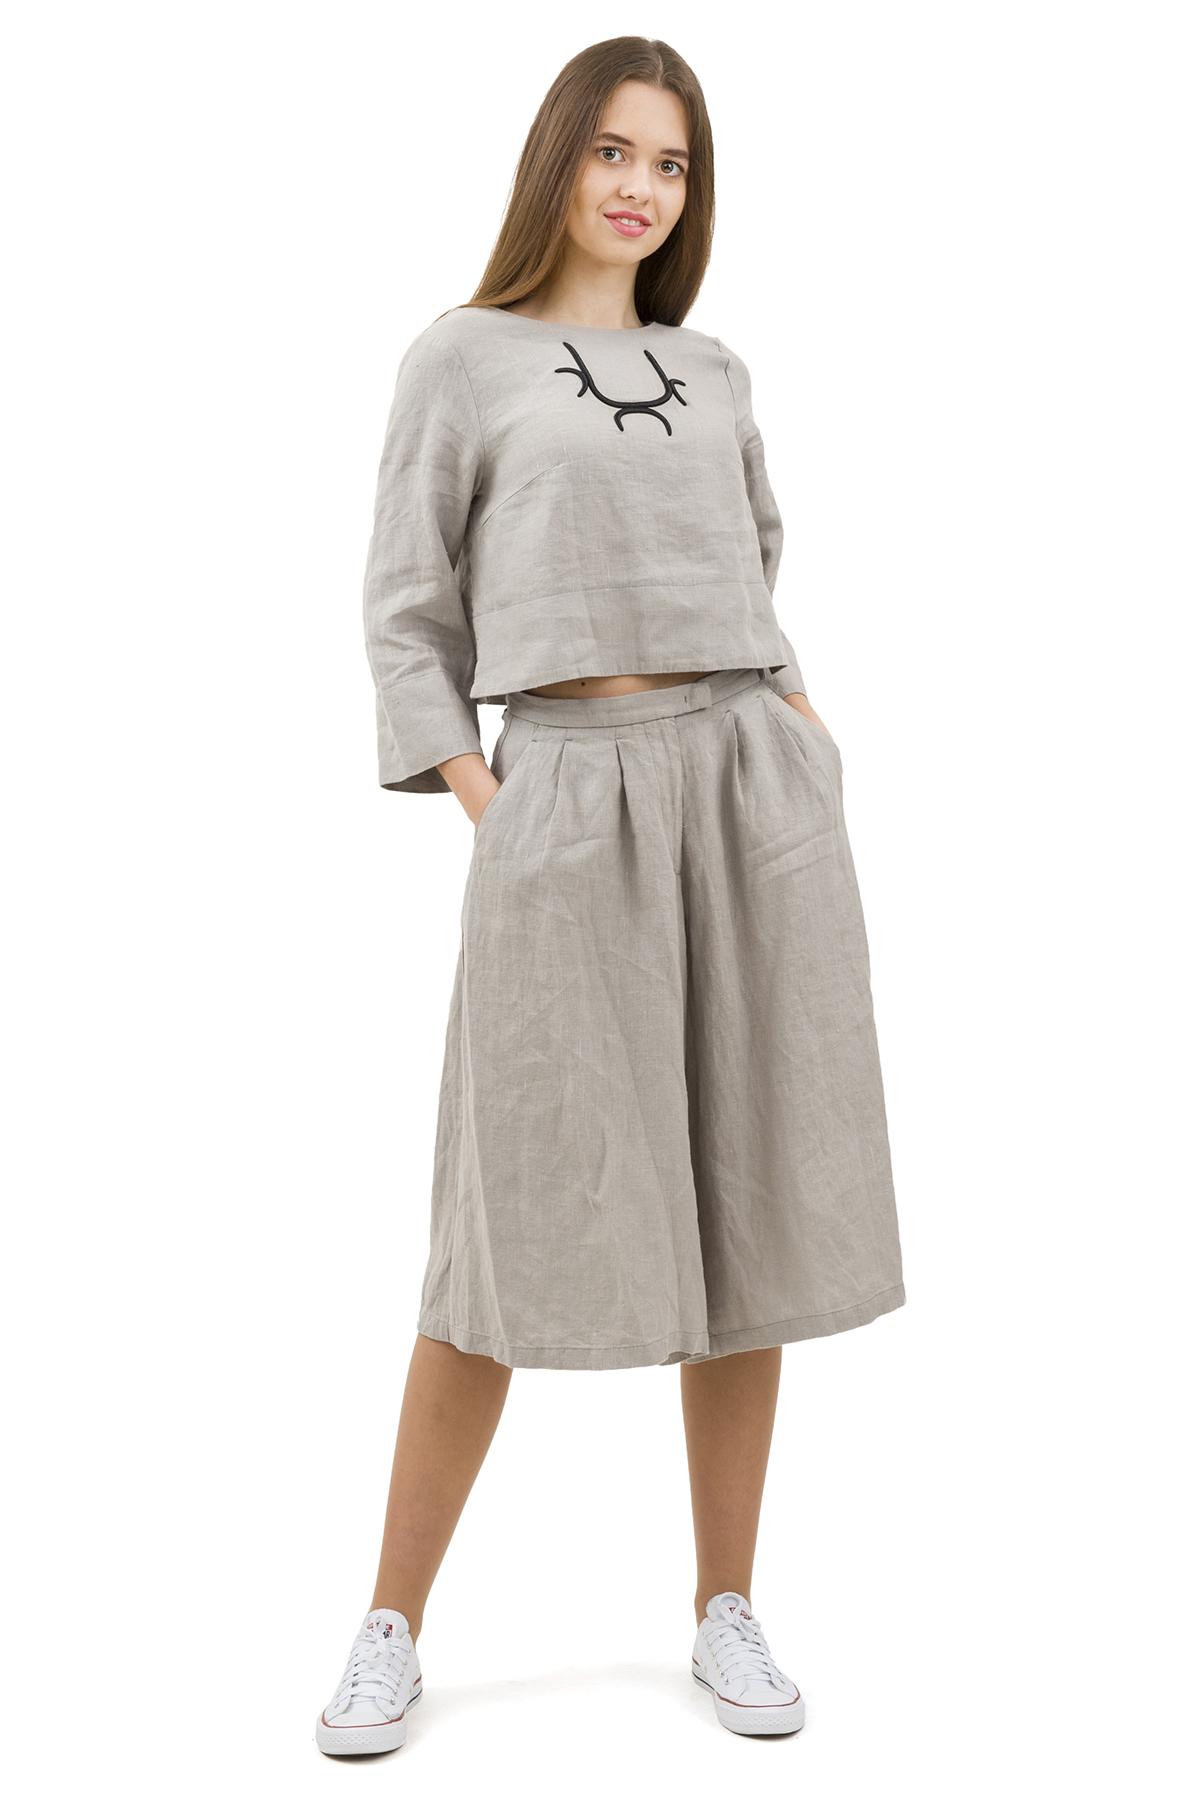 КостюмПлатья,  сарафаны<br>Стильный костюм выполнен из натуральной ткани - льна. Данная модель удачно подчеркнет красоту Вашей фигуры, а яркая расцветка  не оставит Вас незамеченной.<br><br>Цвет: серый<br>Состав: 100% лен<br>Размер: 40,42,44,46,50<br>Страна дизайна: Россия<br>Страна производства: Россия